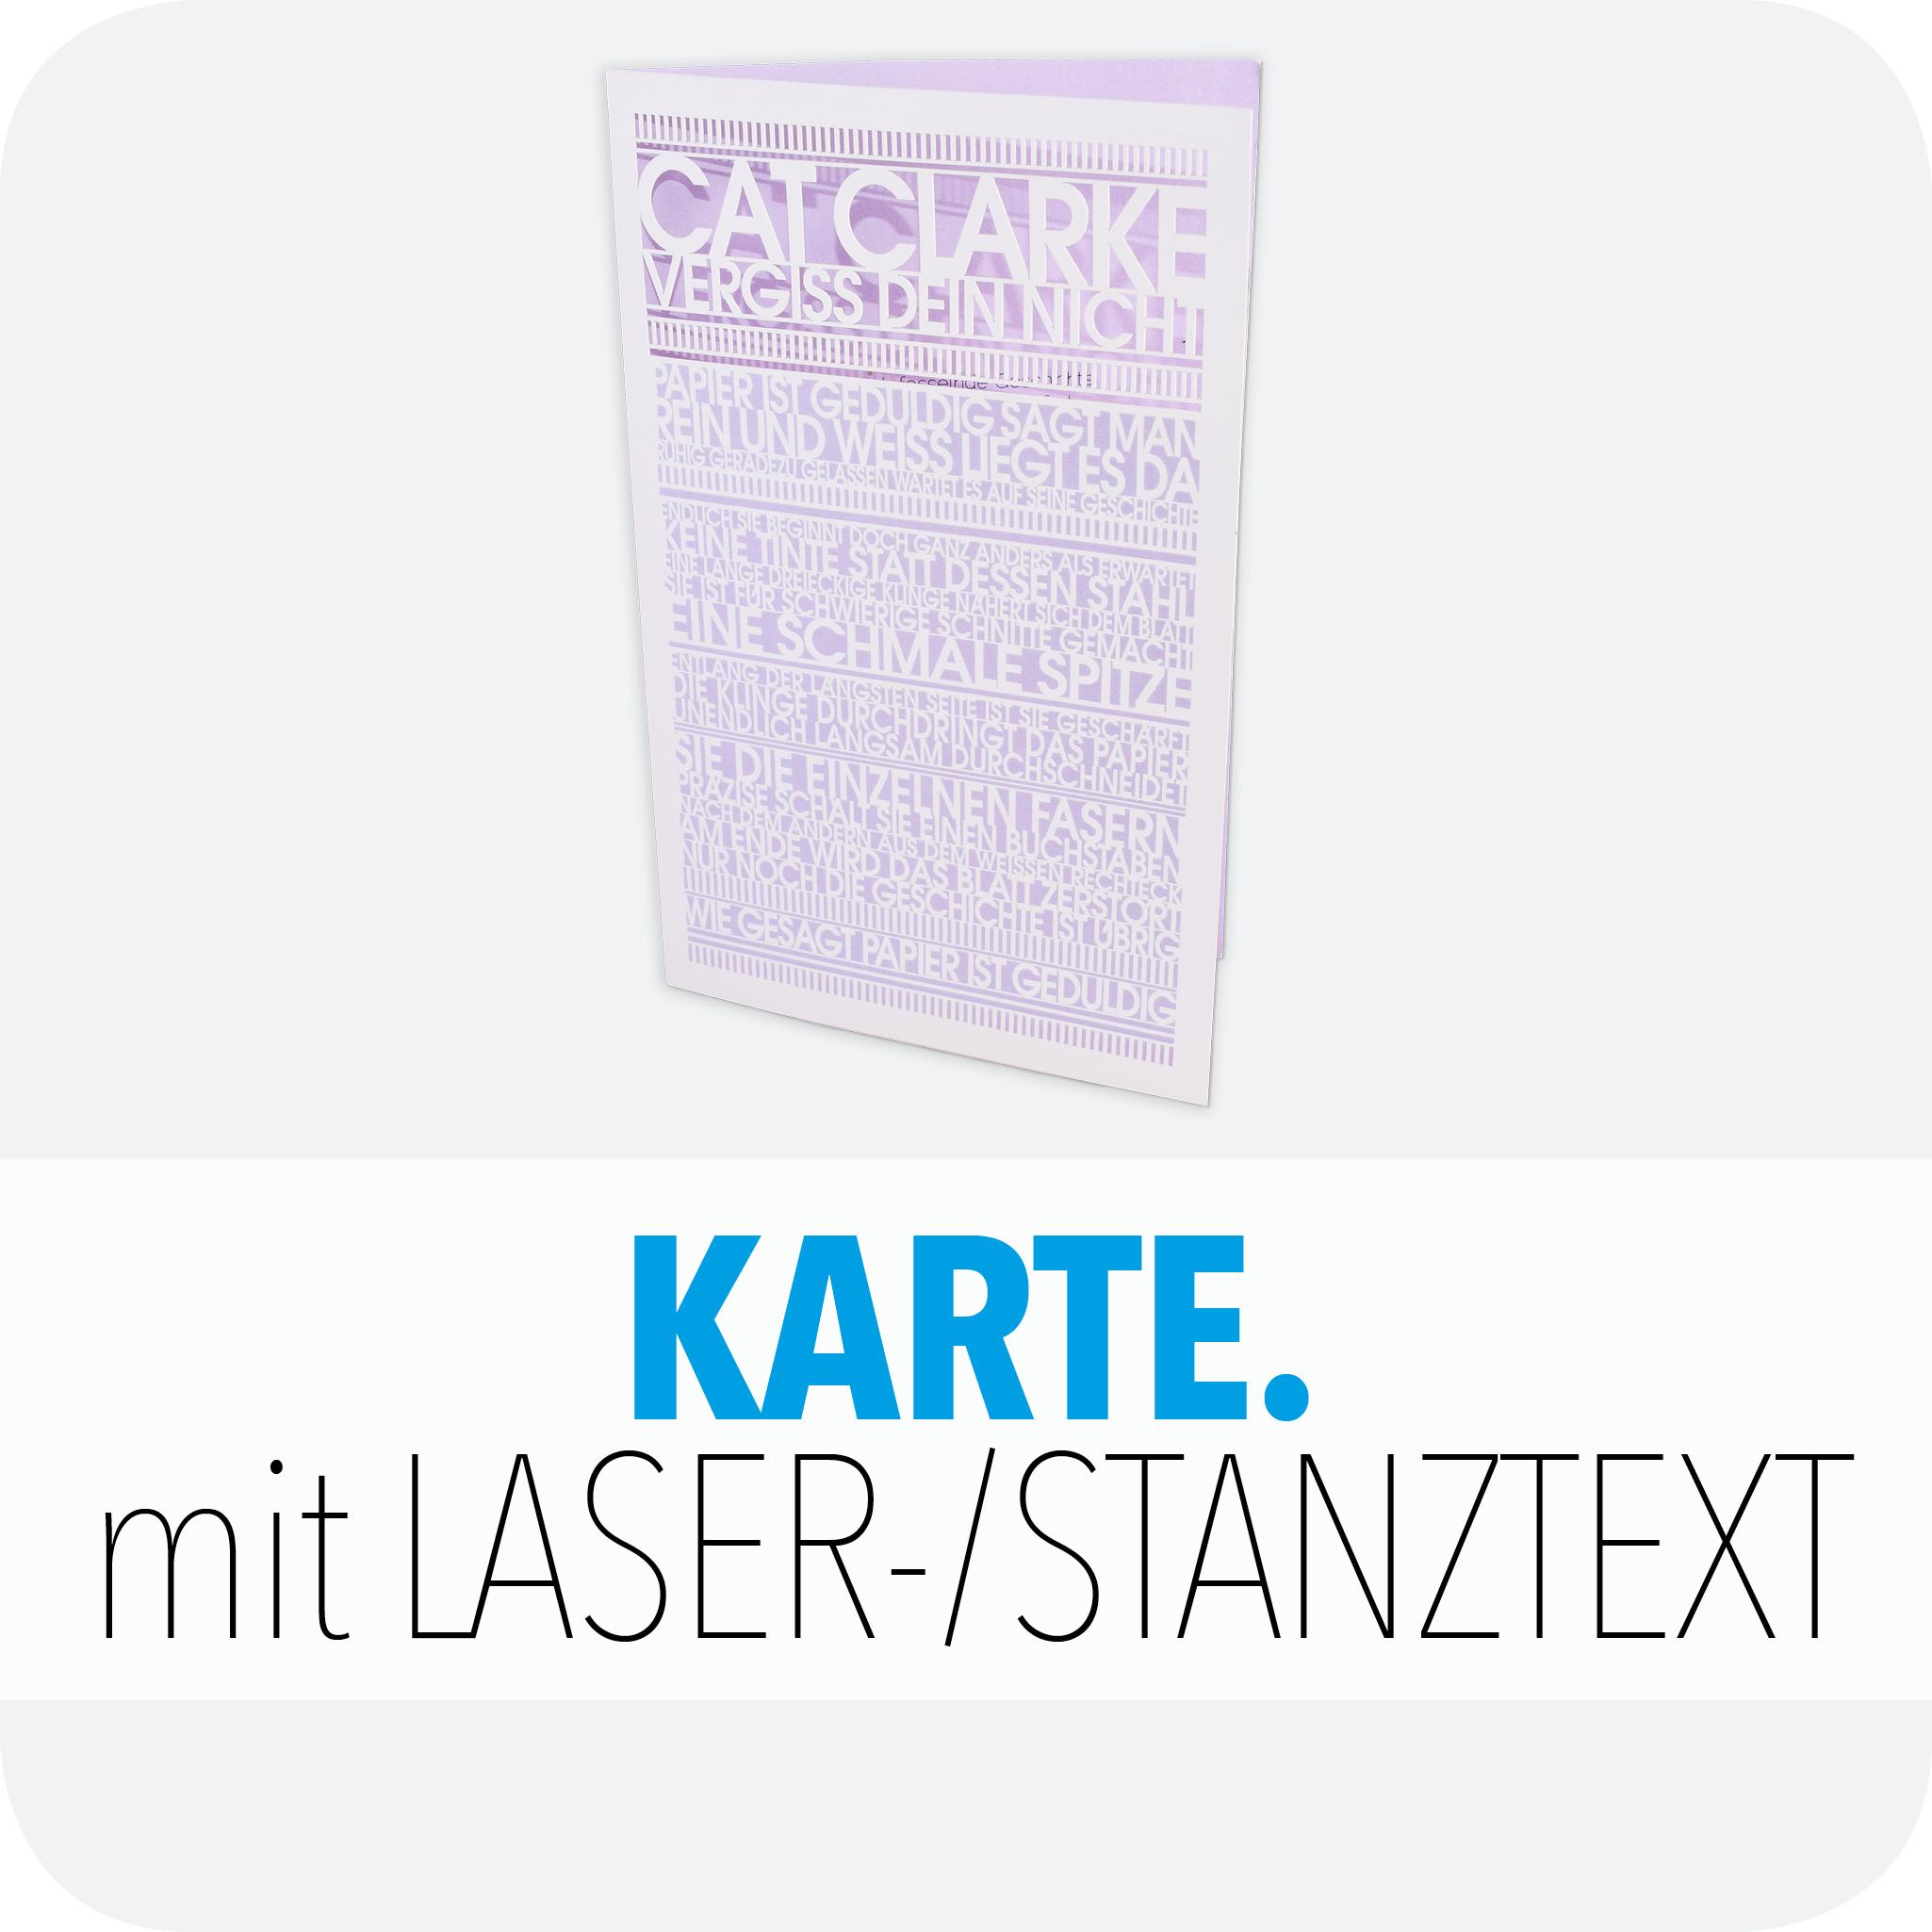 Karte mit Laser-/Stanztext